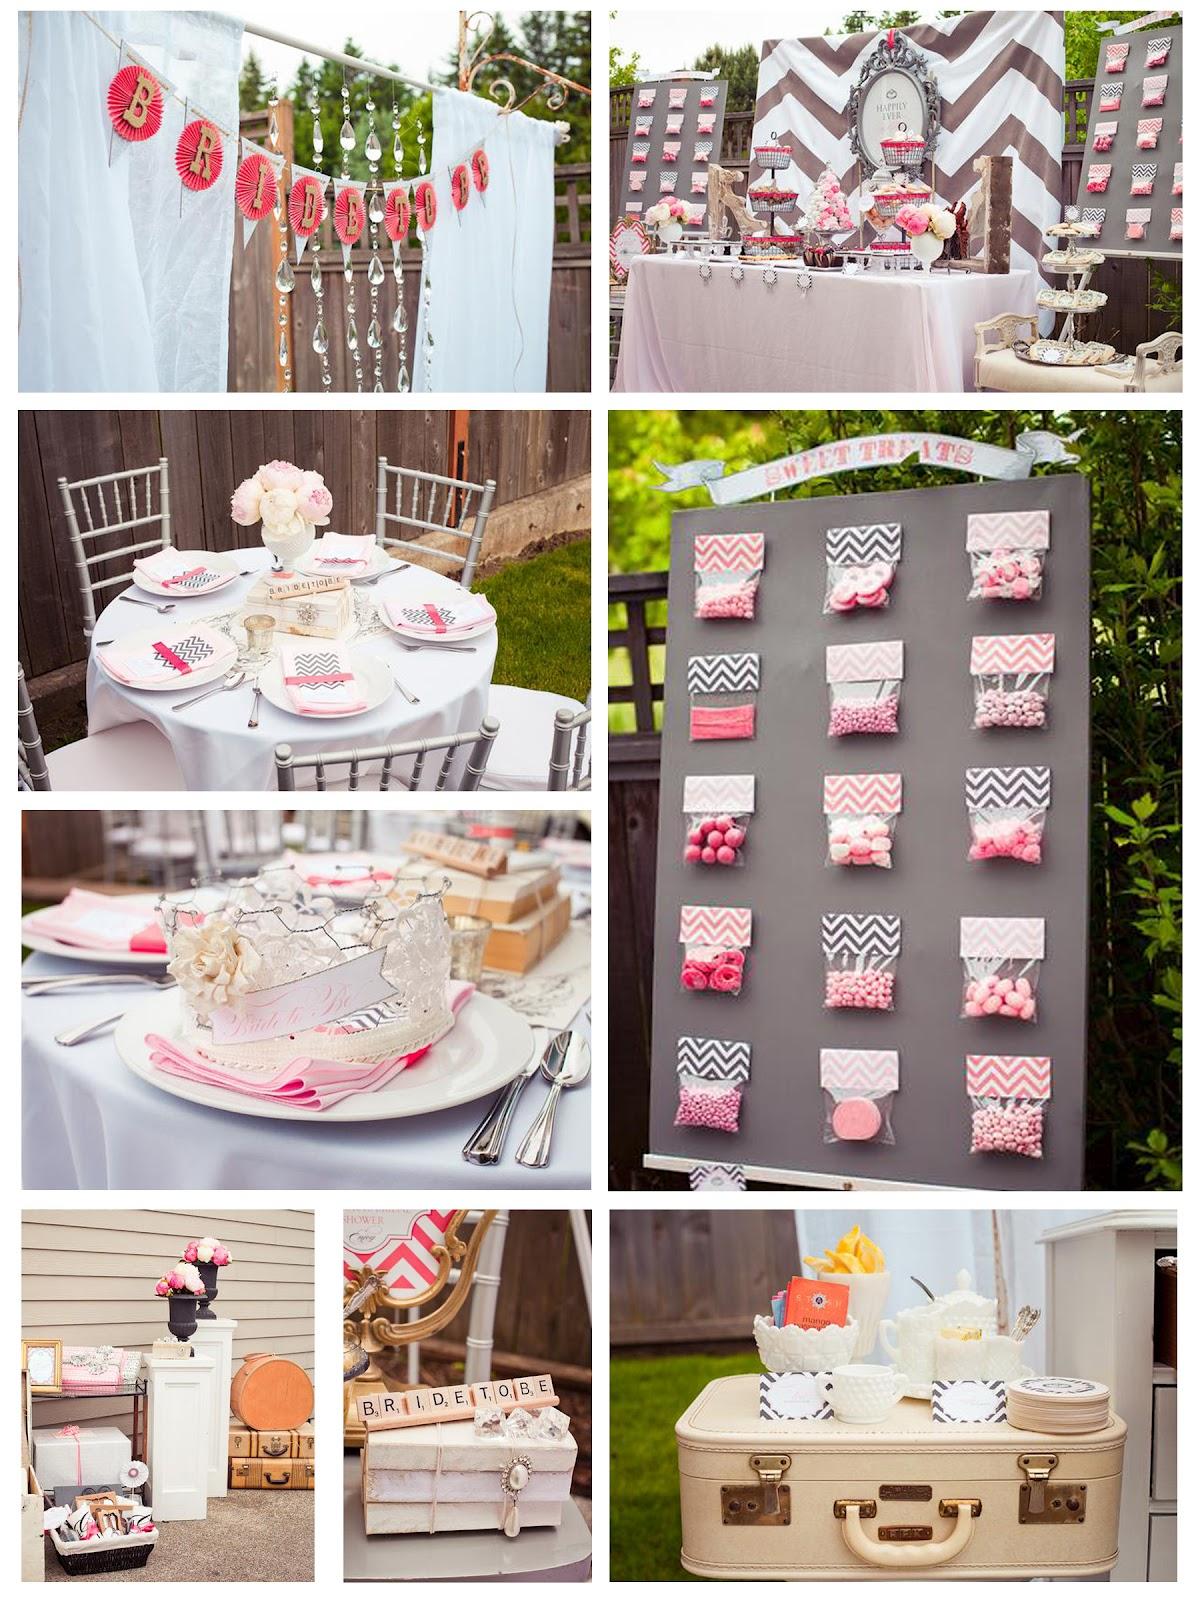 Designer kayla vintage bridal shower decor for Classy kitchen tea ideas